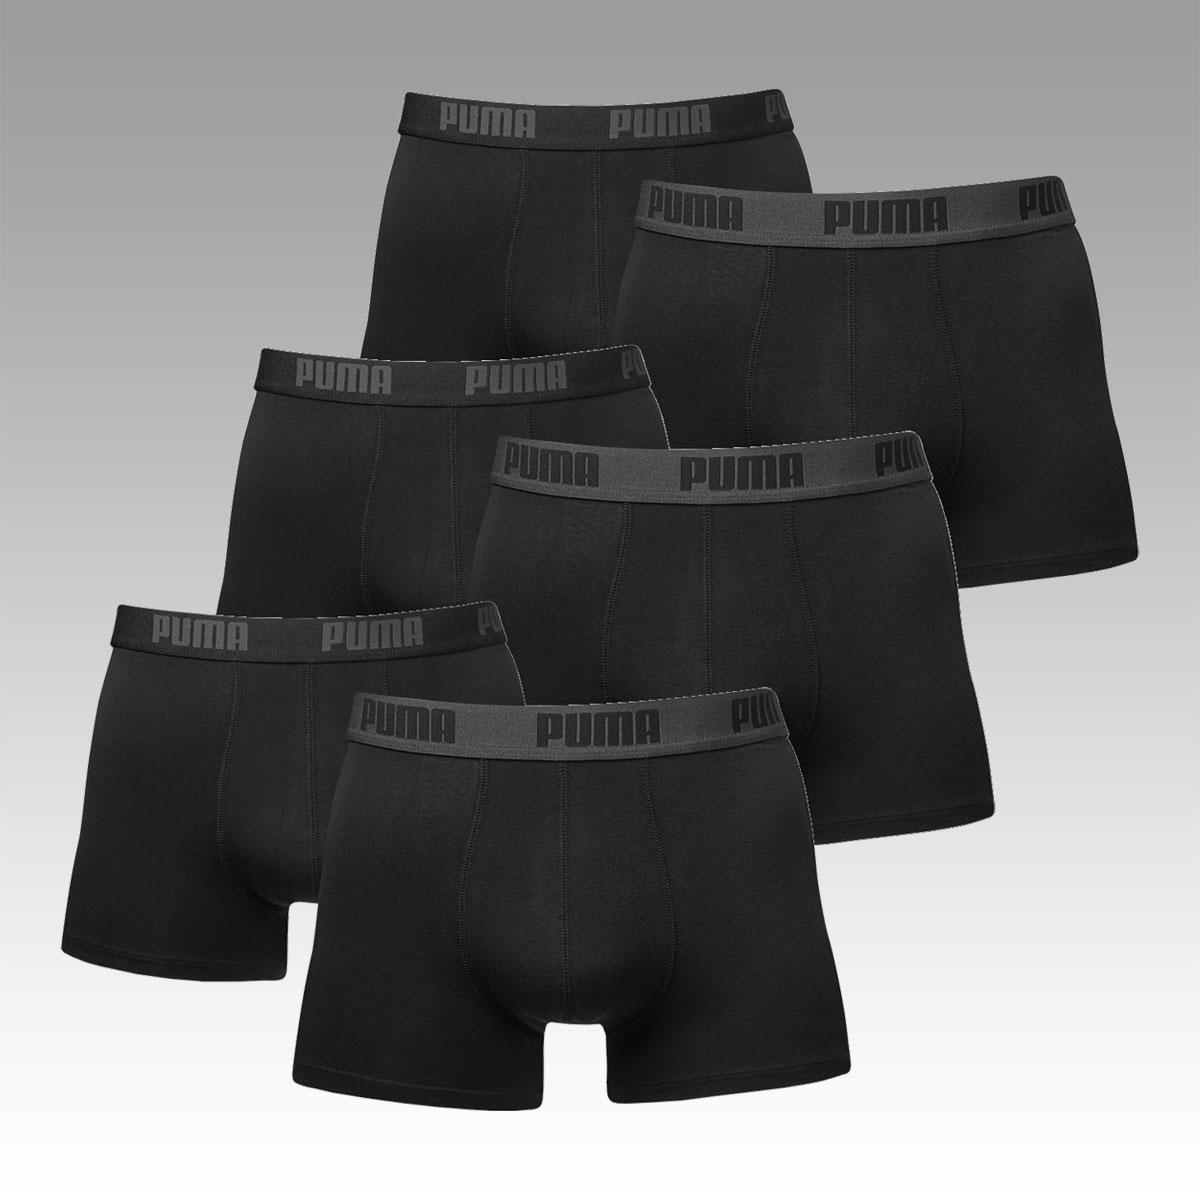 6er PUMA Basic Boxershorts für 29,95 € - 8 verschiedene Farbkombi [allstar-sport]